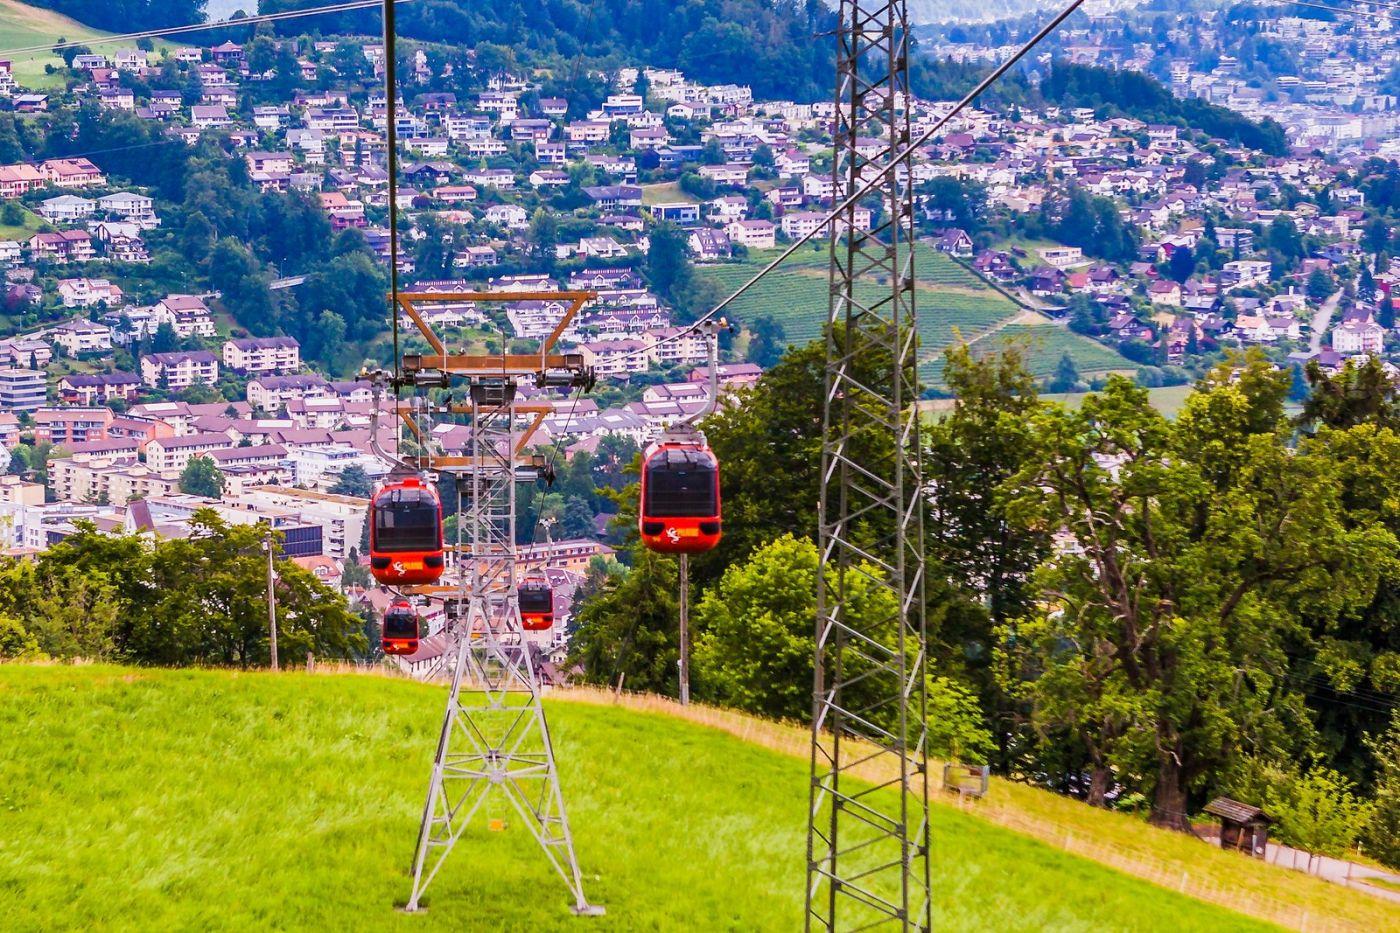 瑞士卢塞恩(Lucerne),坐缆车看风景_图1-13